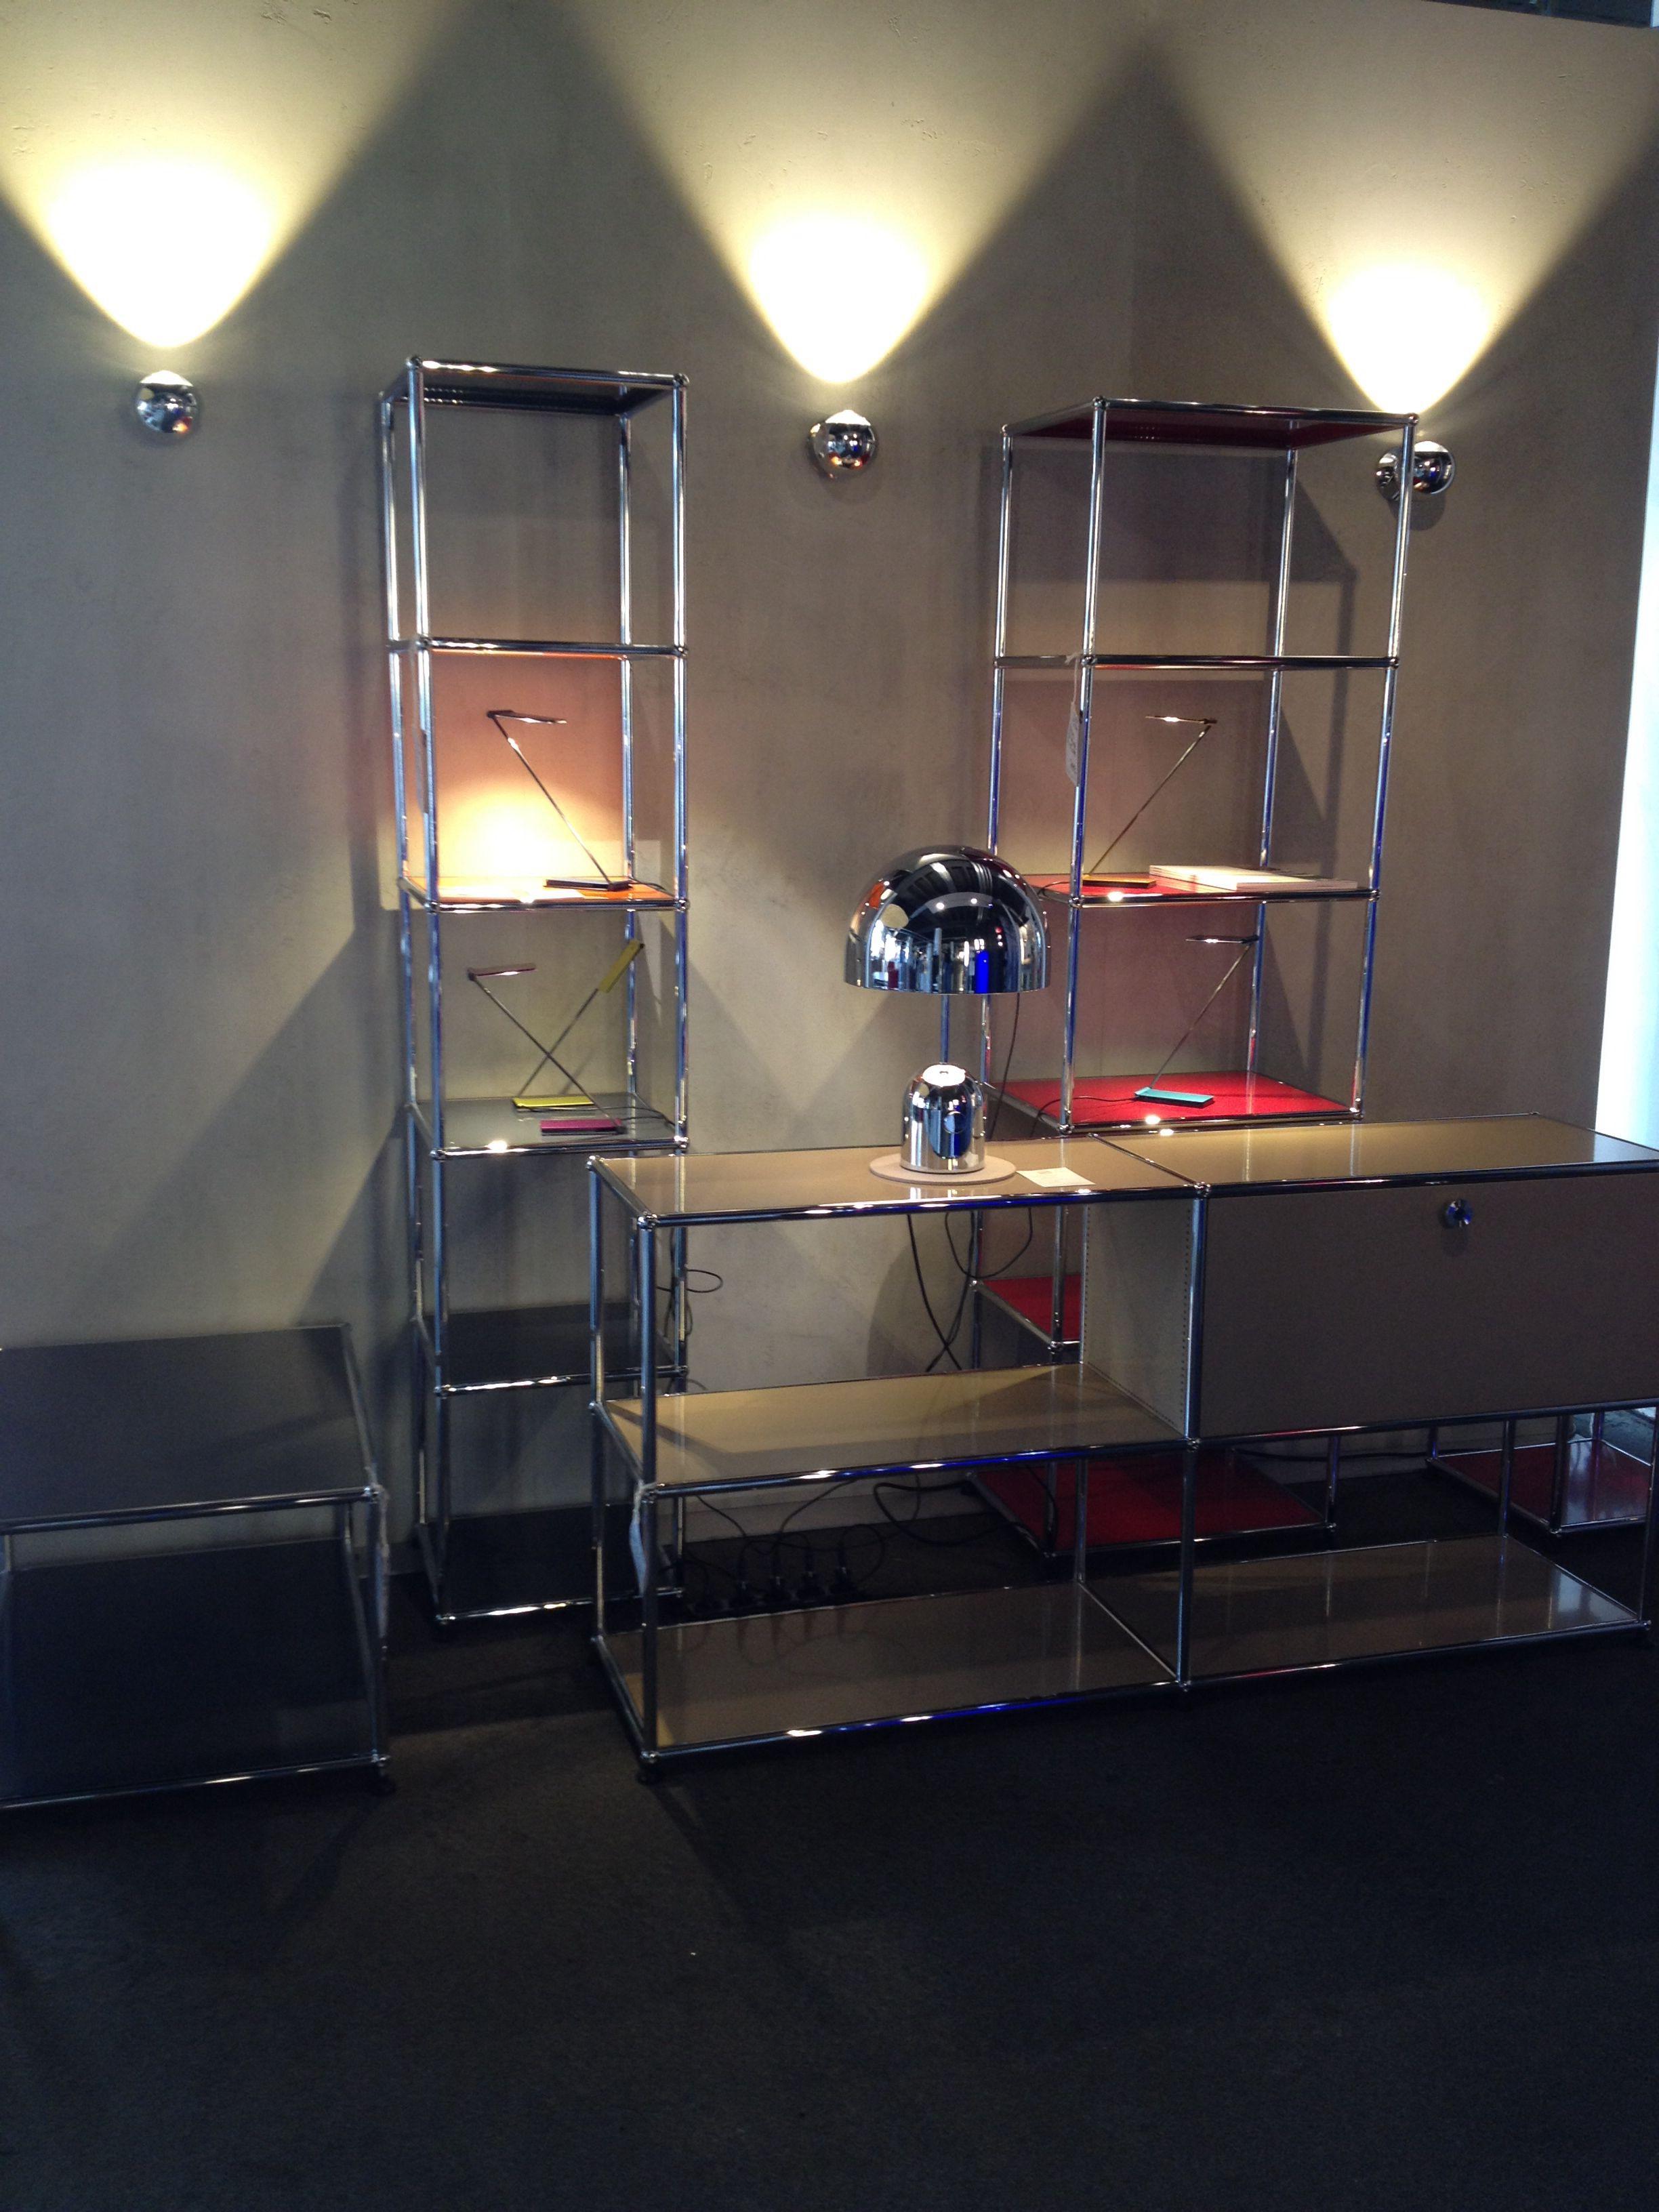 usm haller m belbausysteme tom dixon und occhio io3d led und mehr licht finden sie bei ihrem. Black Bedroom Furniture Sets. Home Design Ideas